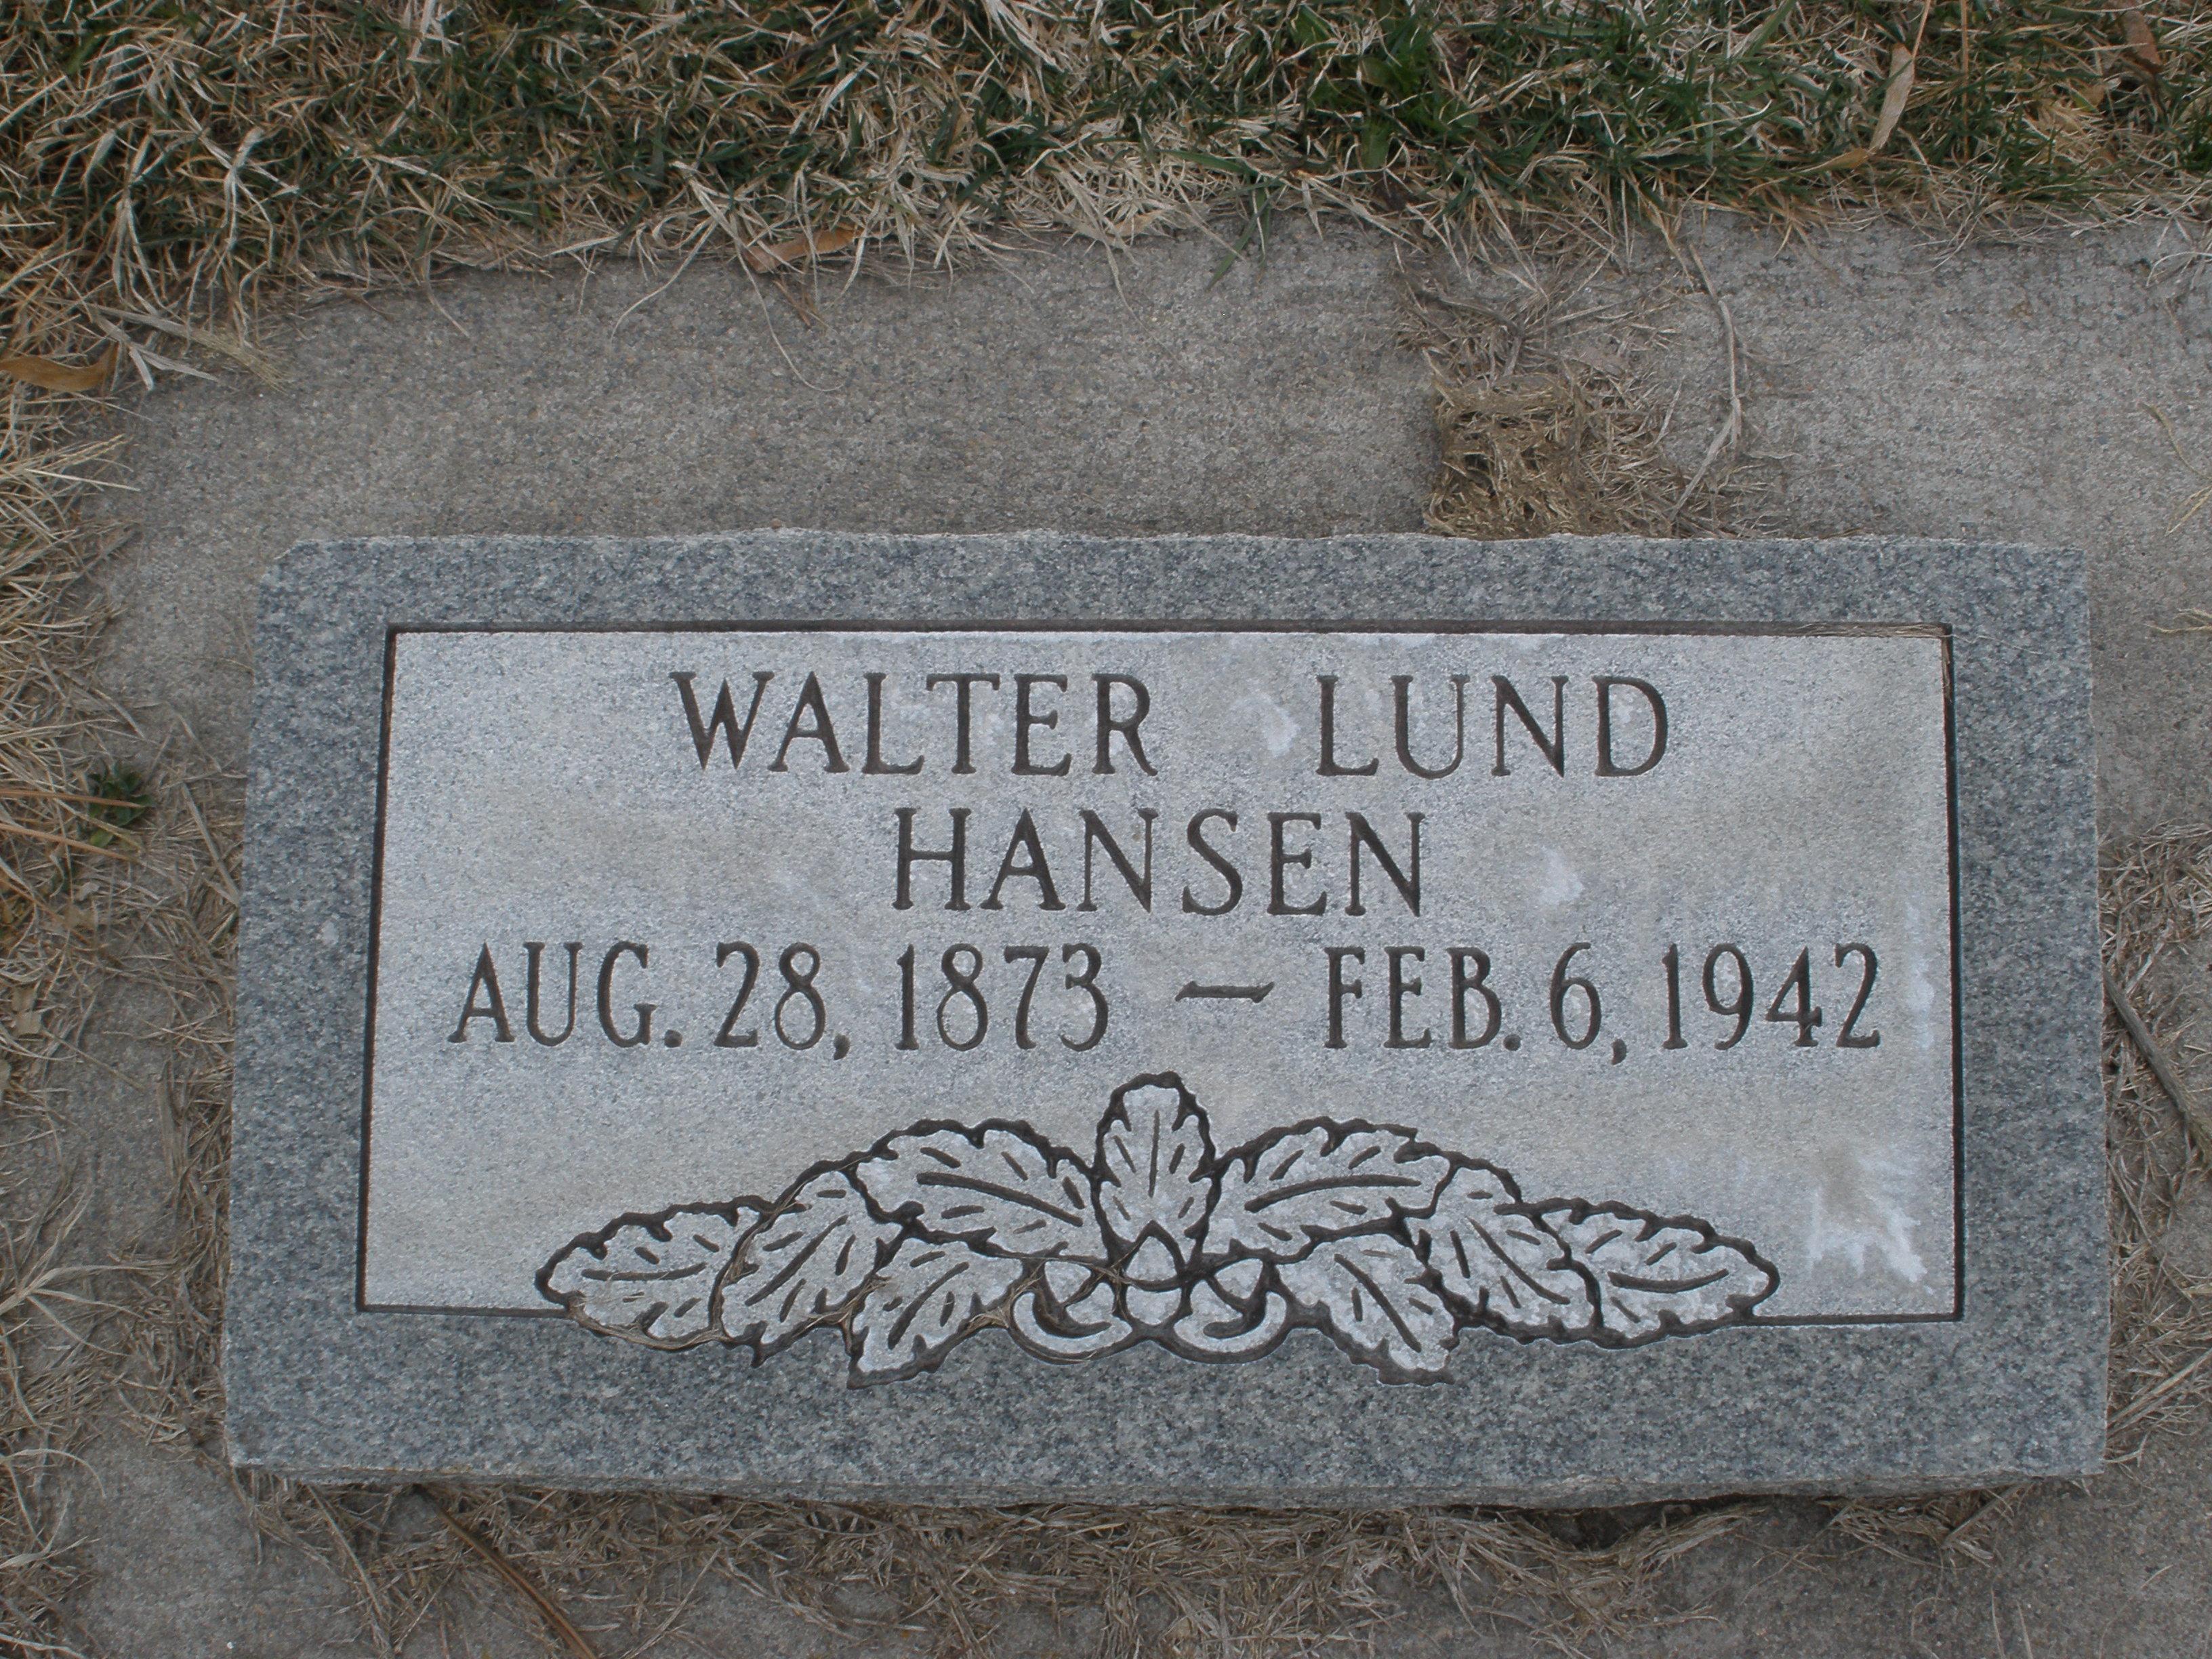 Walter Lund Hansen, Sr